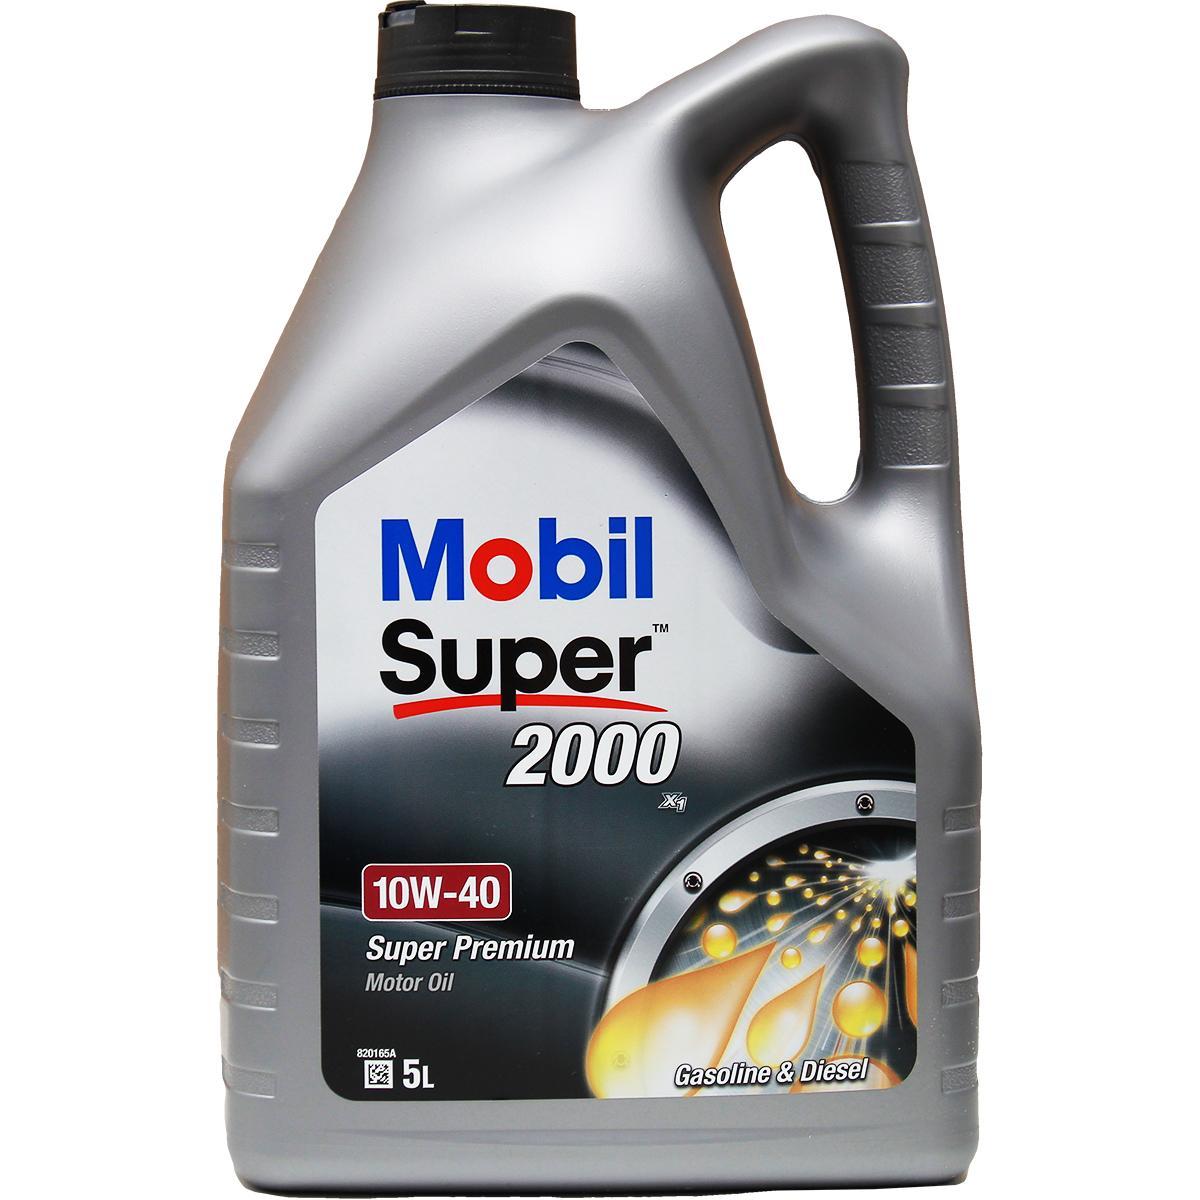 Acquistare ricambi originali MOBIL Olio motore Super, 2000 X1 150563